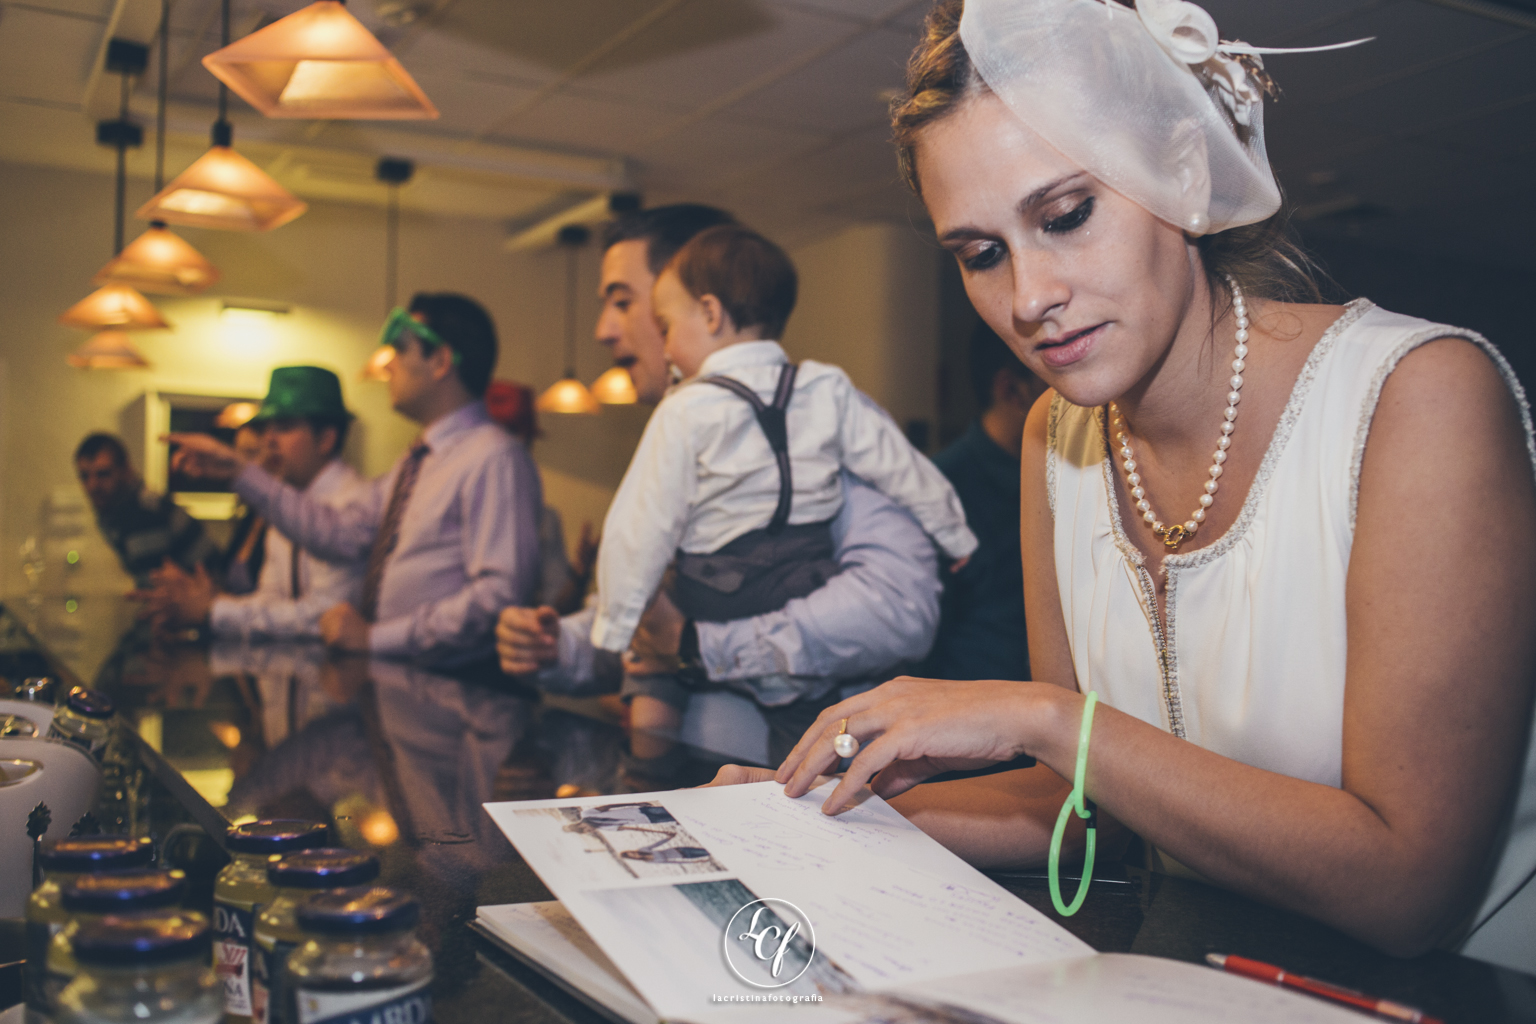 fotografia nupcial :: fotografo de bodas :: fotografía de bodas barcelona :: fotografía de bodas torredembarra :: reportaje de boda